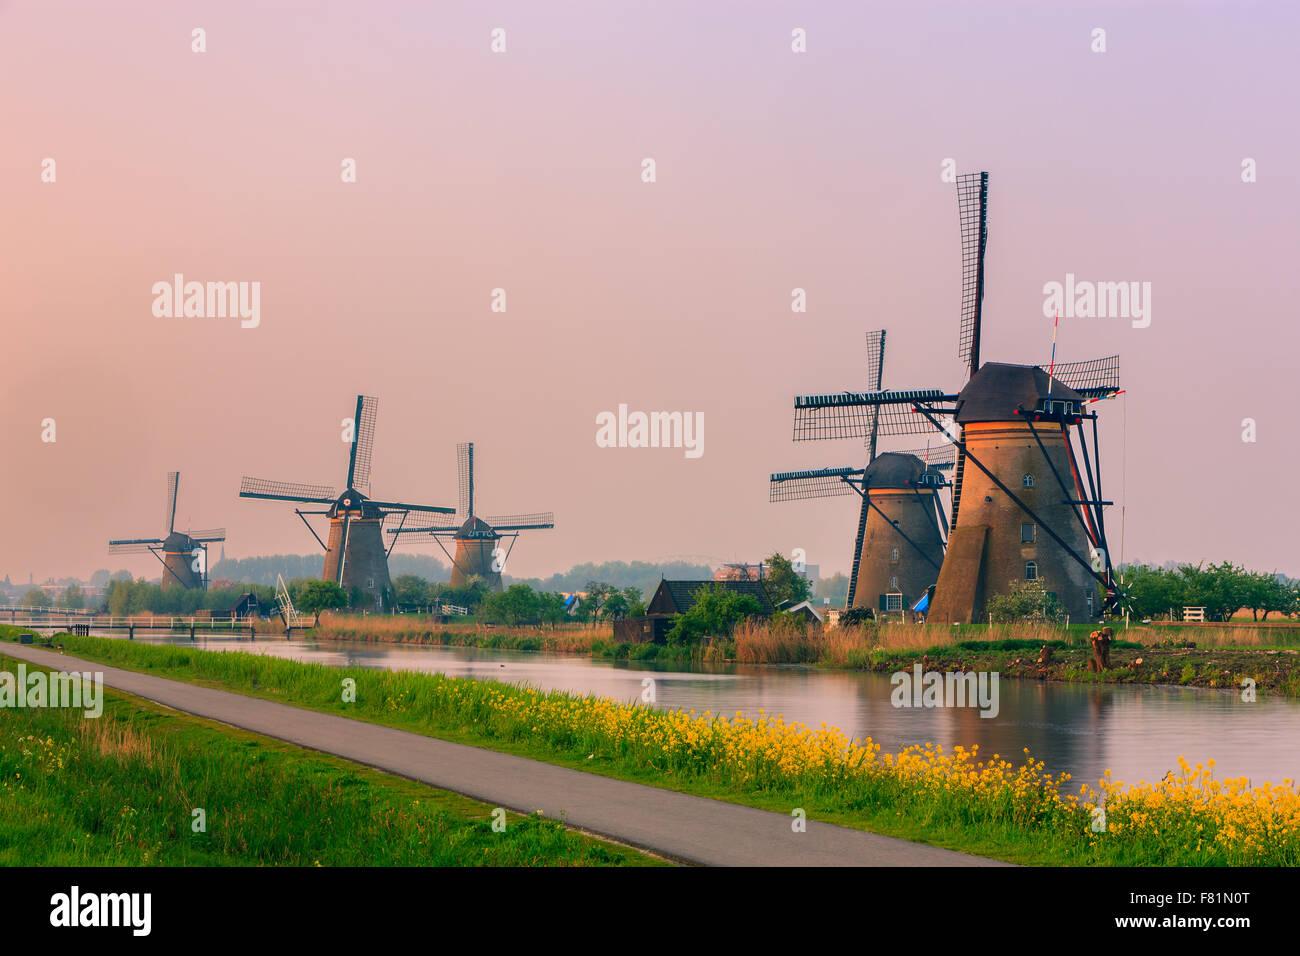 Les célèbres moulins à vent de Kinderdijk, la Hollande du Sud, Pays-Bas Photo Stock